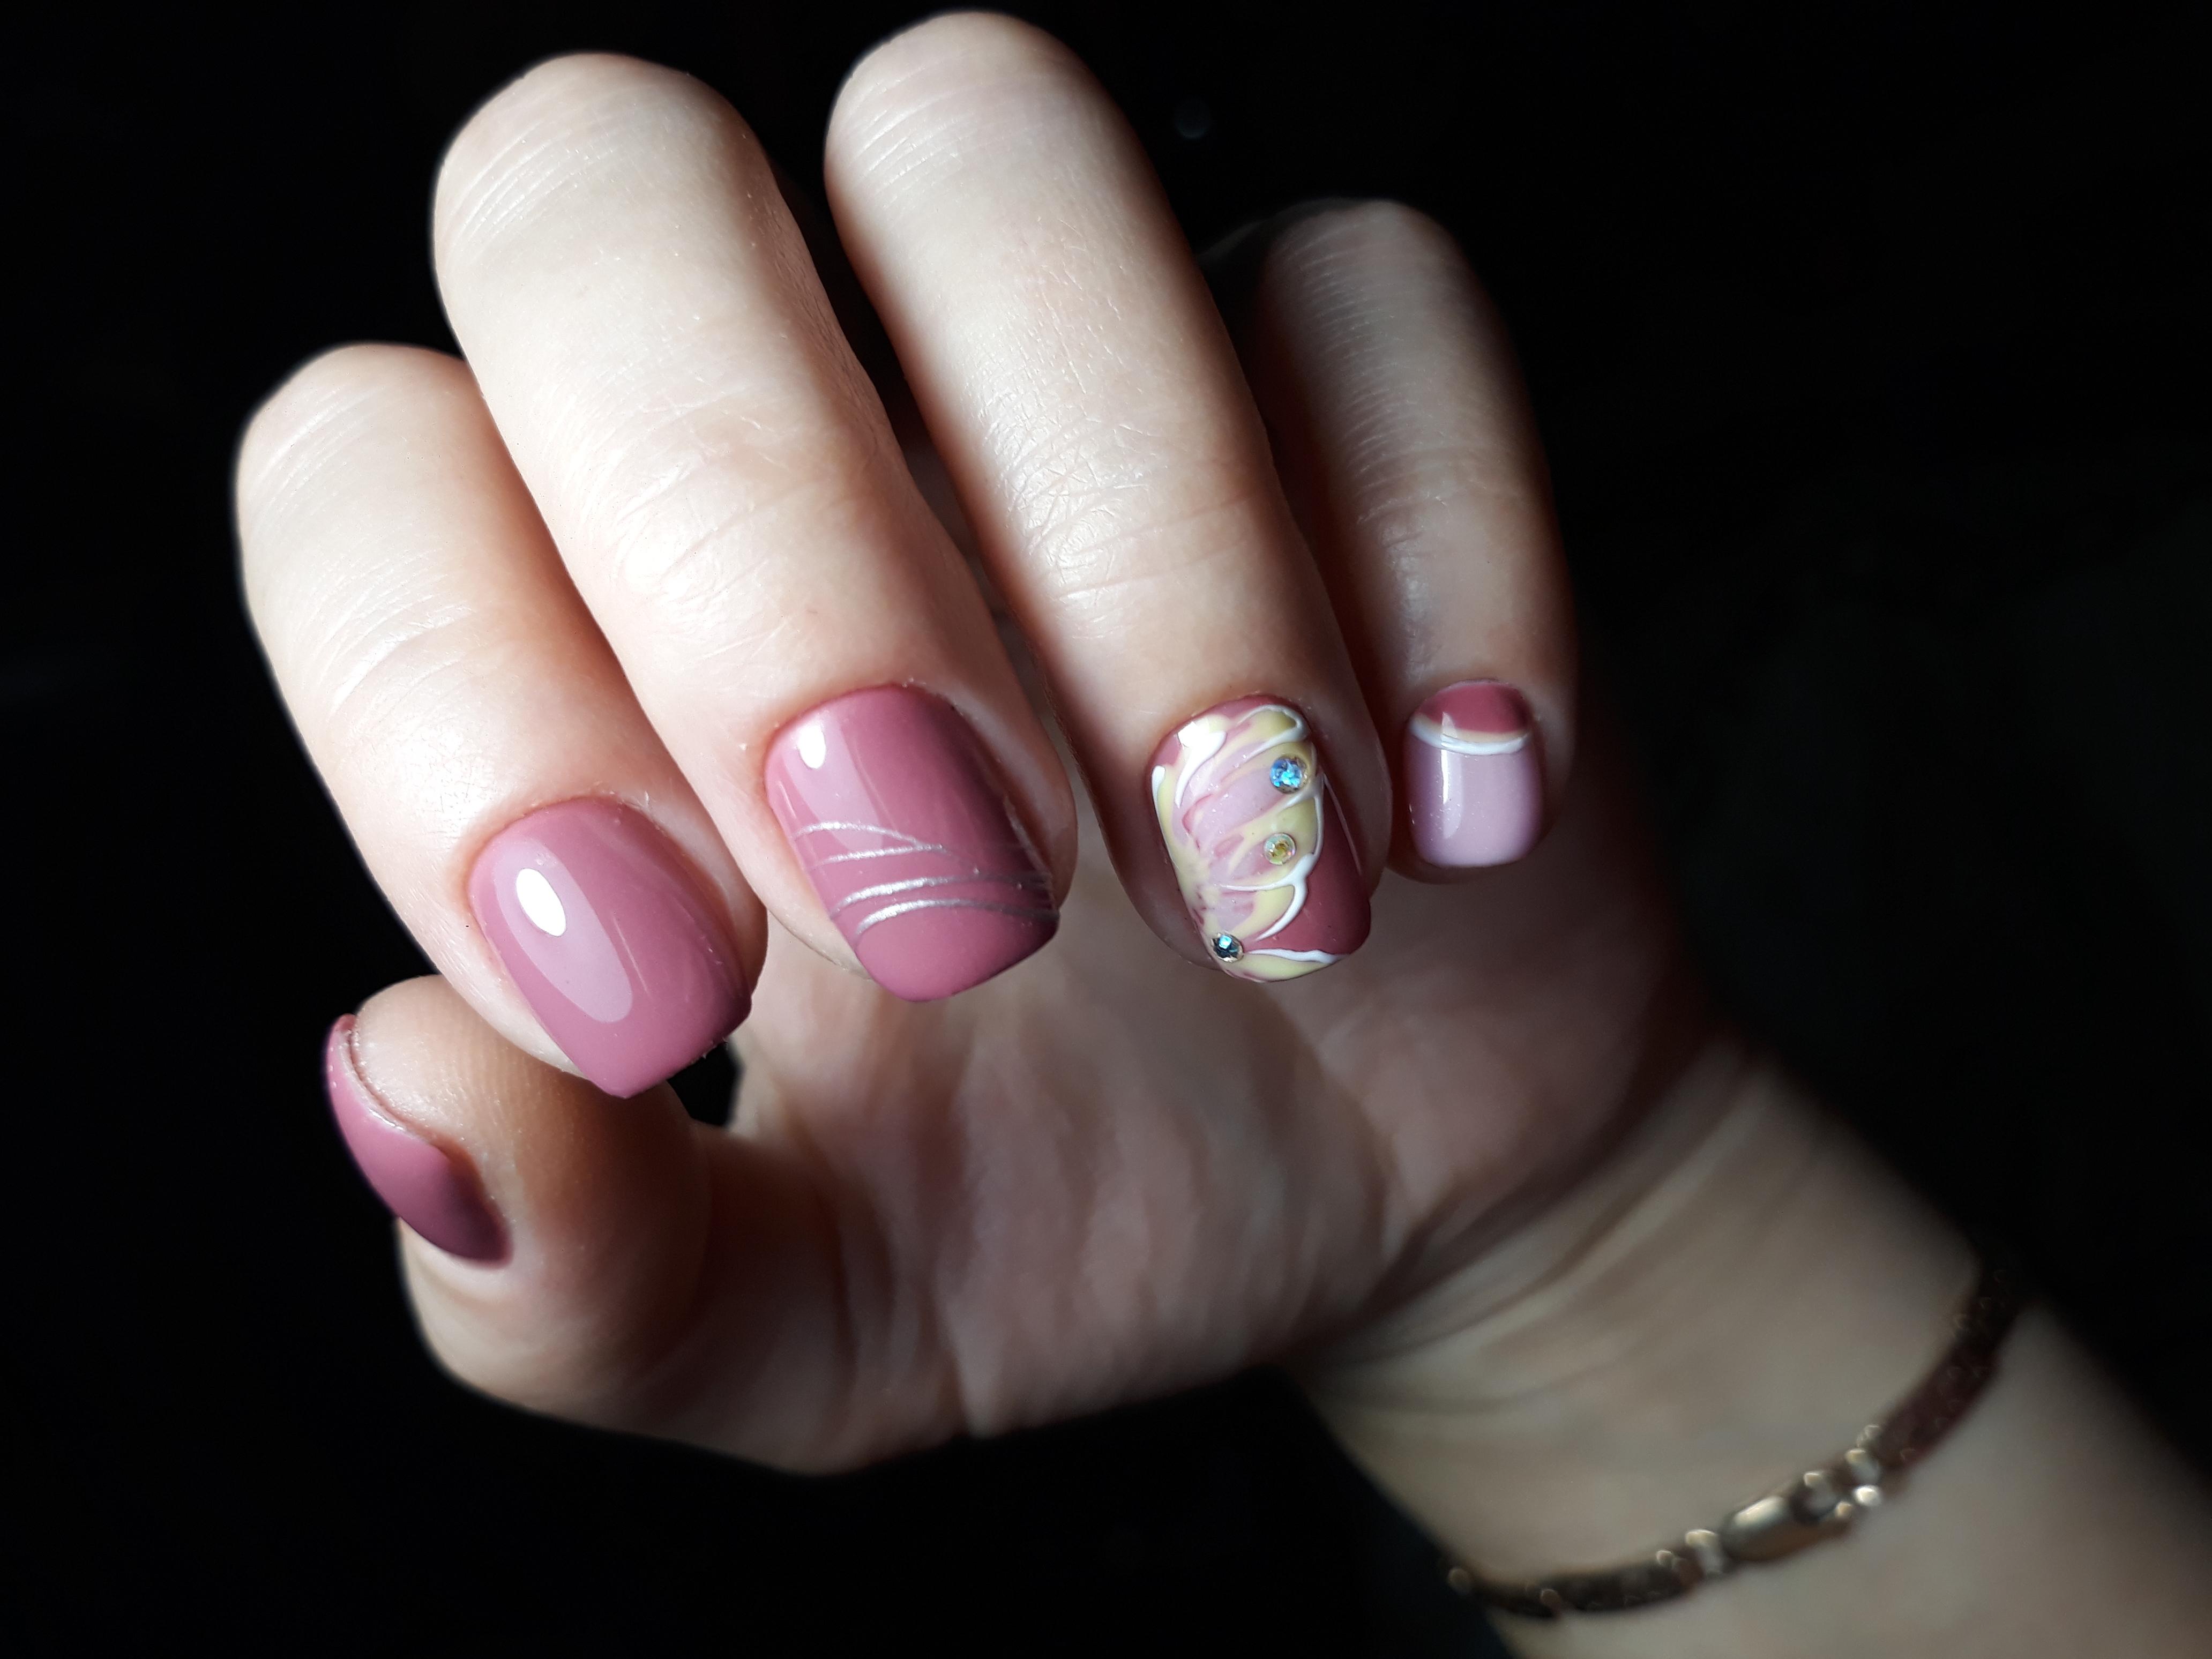 Маникюр с рисунком и паутинкой в лиловом цвете на короткие ногти.